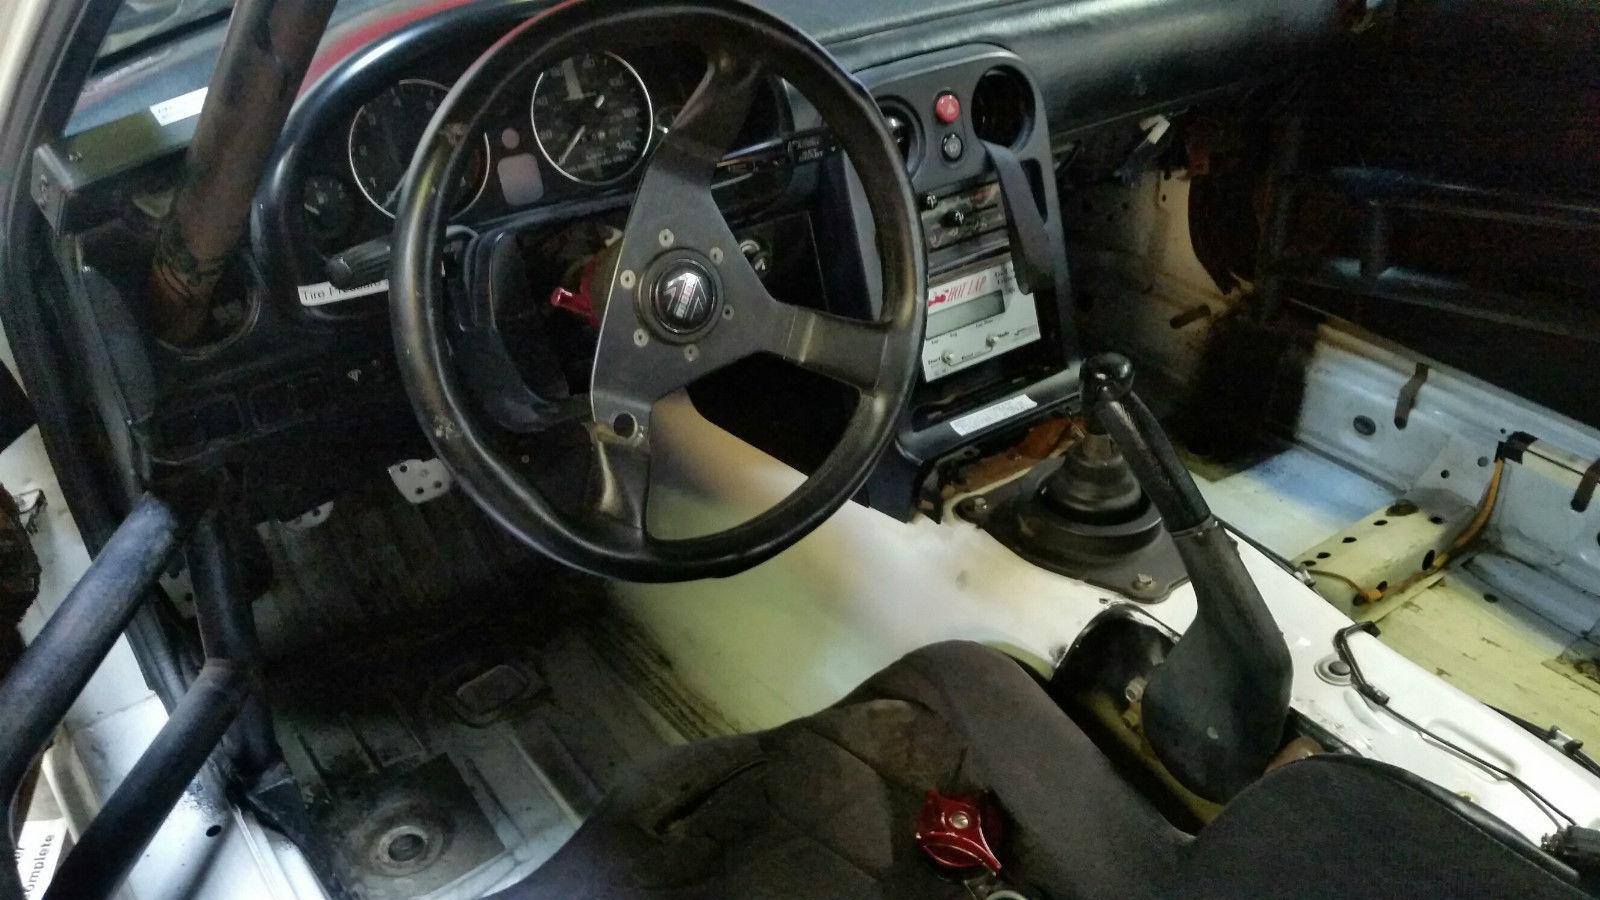 1990 mazda sm spec miata track and race car classic mazda mx 5 miata 1990 for sale. Black Bedroom Furniture Sets. Home Design Ideas